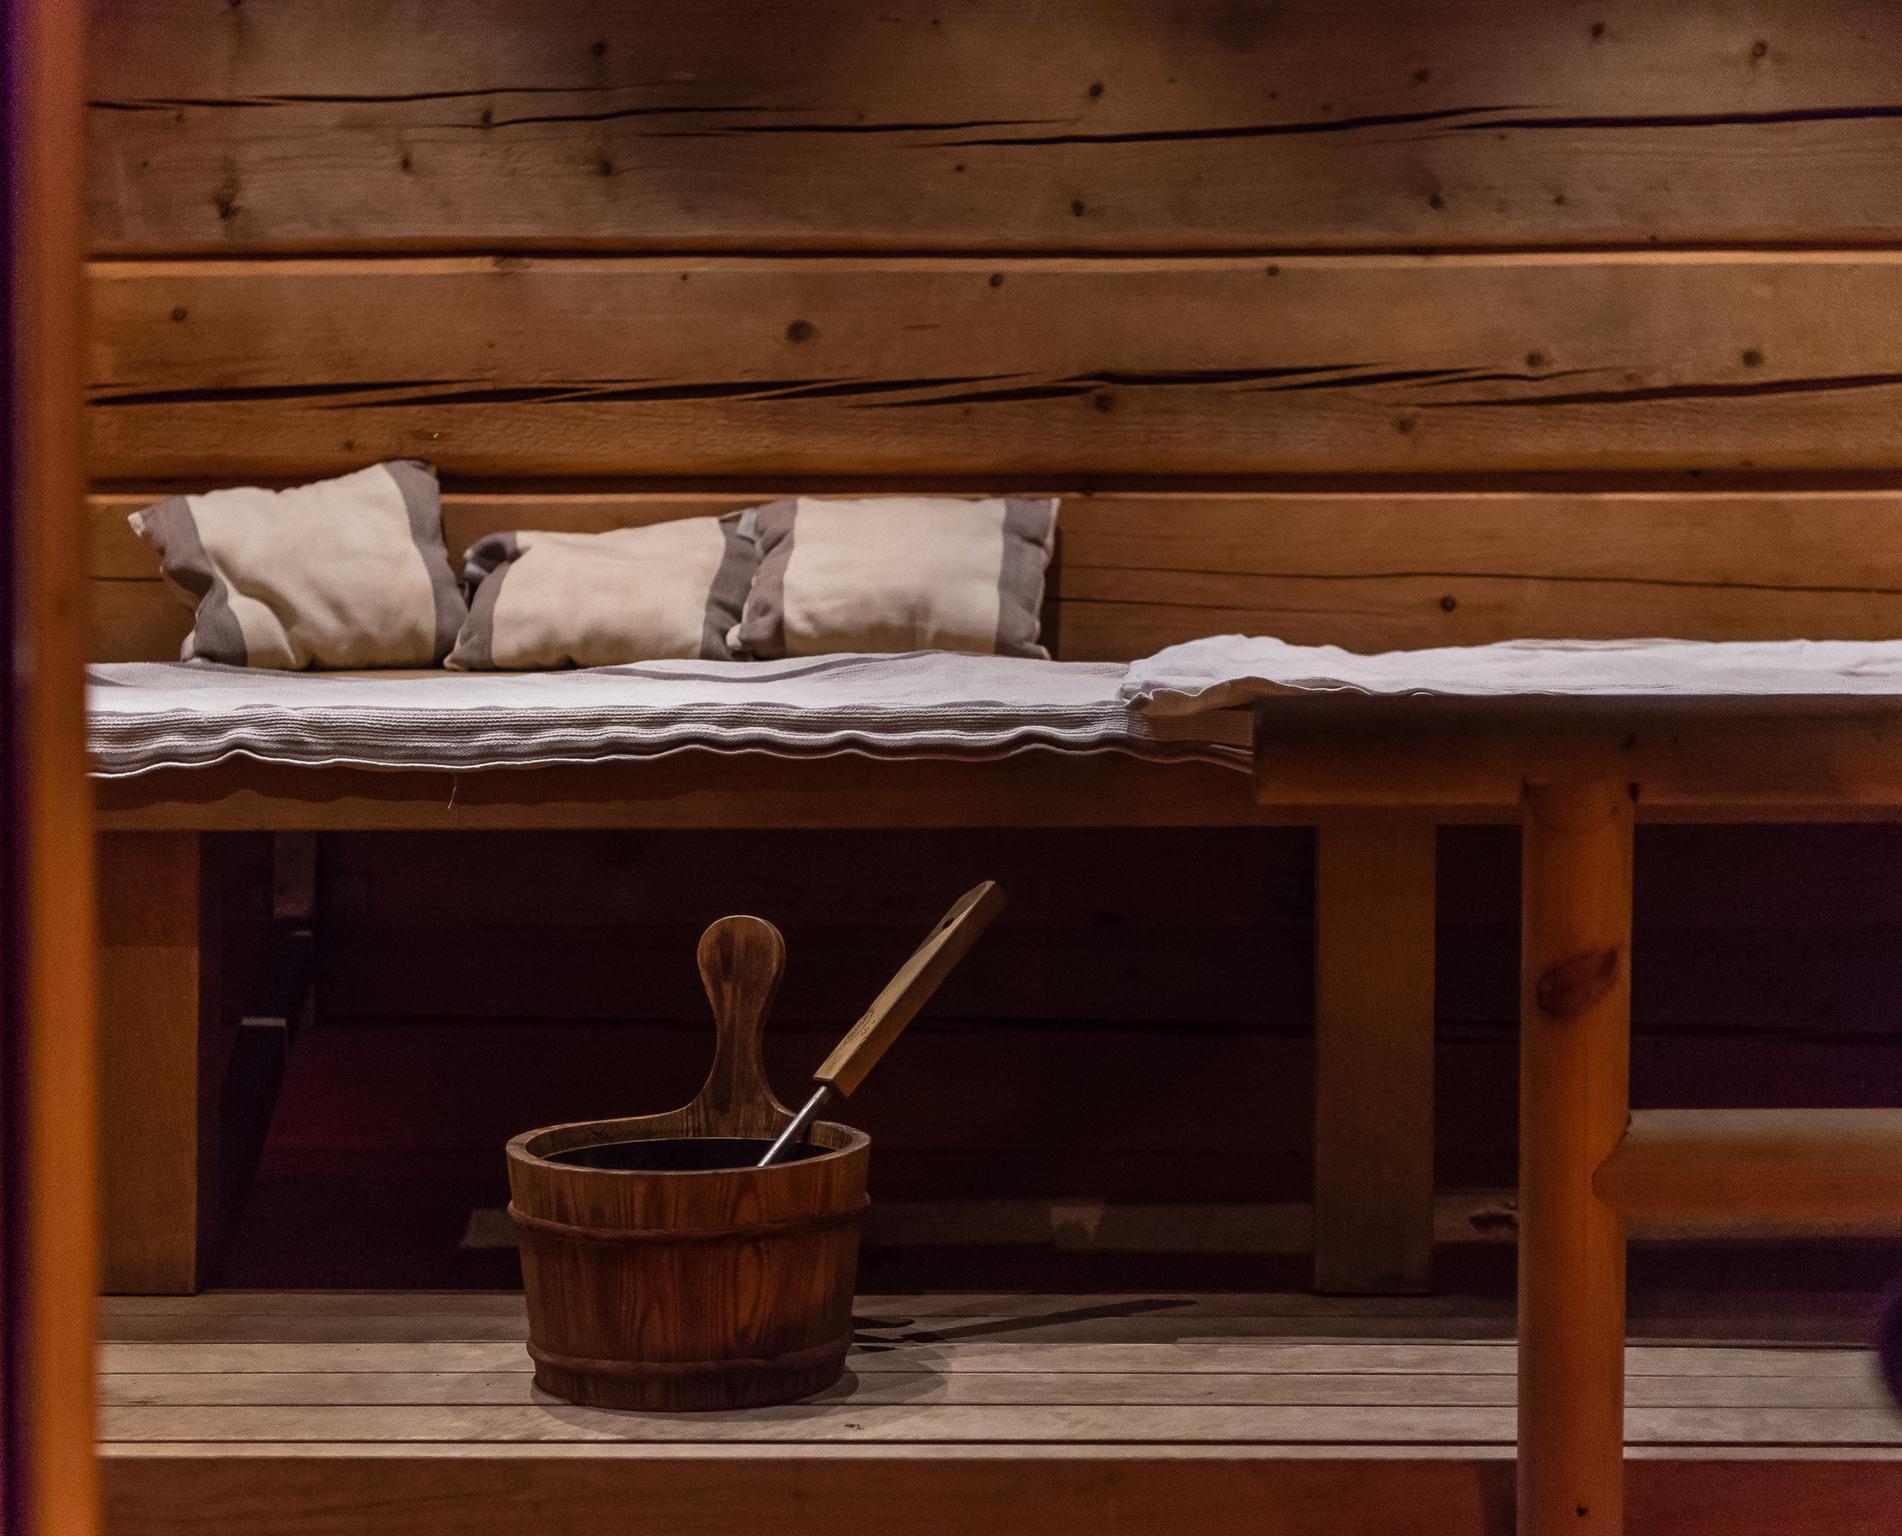 Riko normiaikatauluja! Saunaan voi mennä vaikka aamulla. Råmossa Lodgen hirsisaunan tunnelmaa.